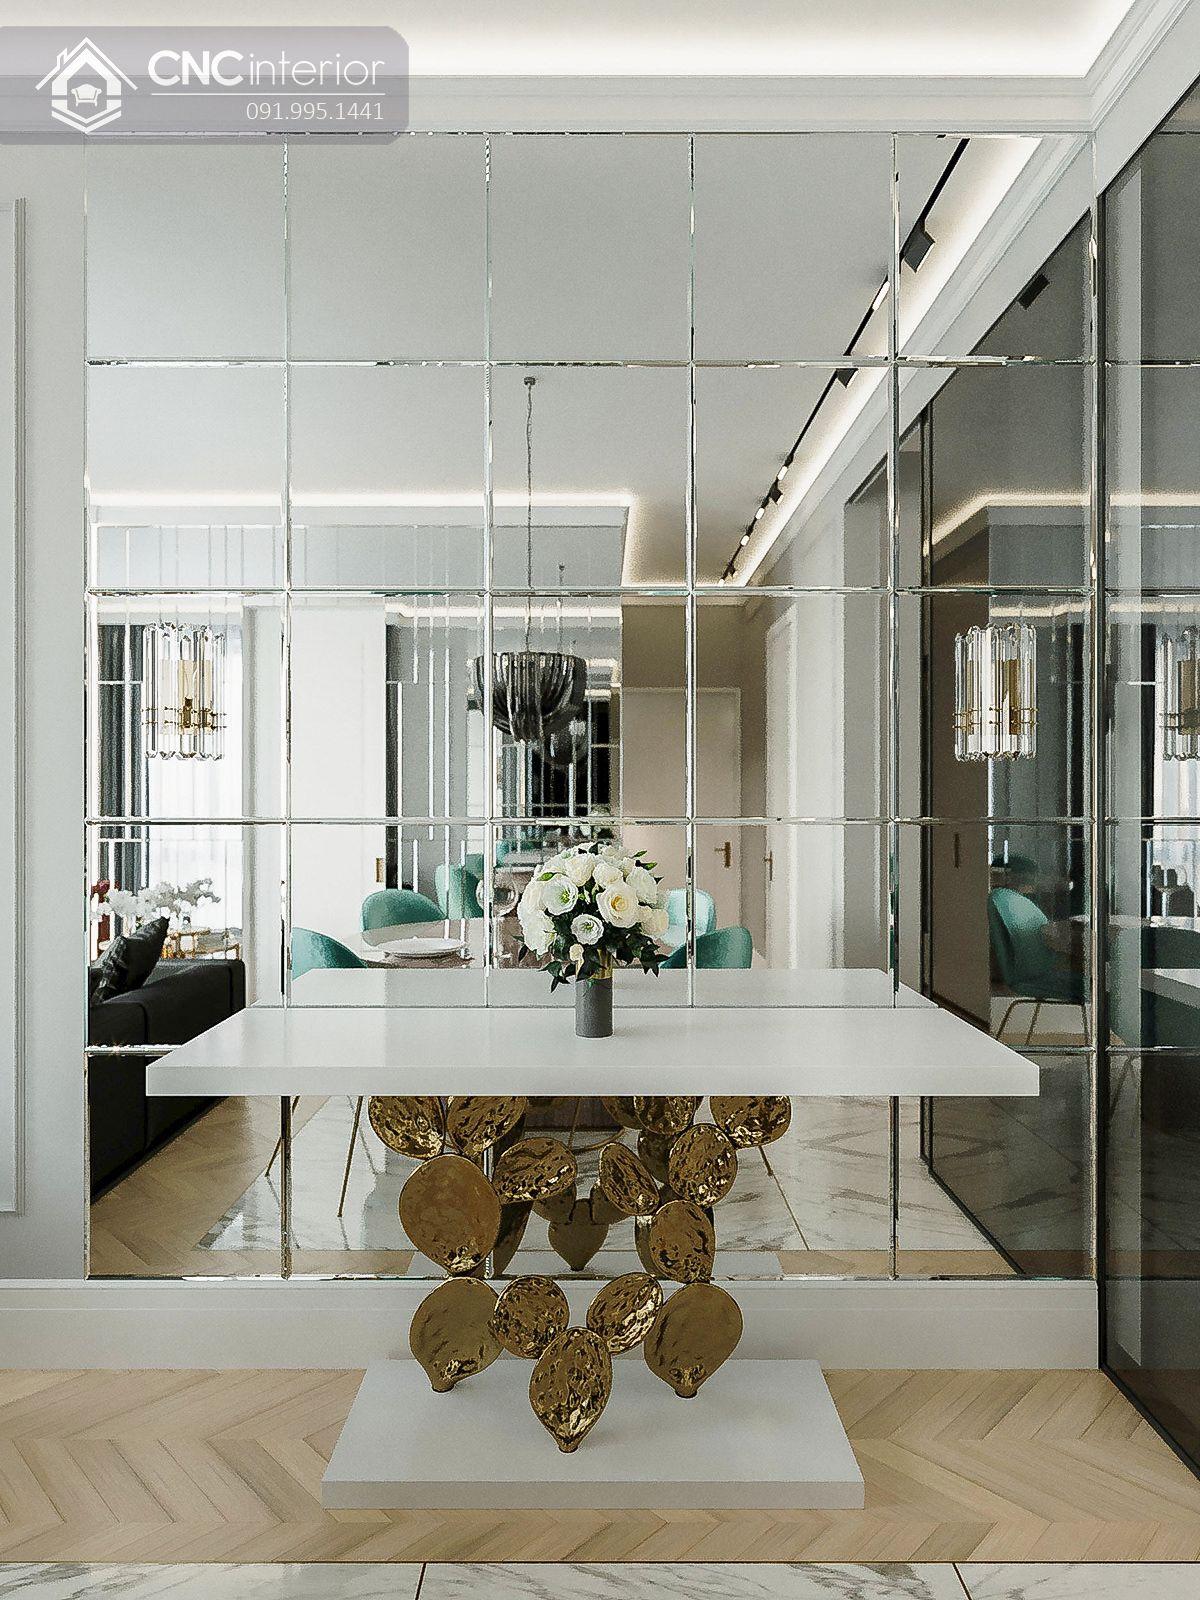 nhà đẹp, thoáng nhờ mặt kính gương 18